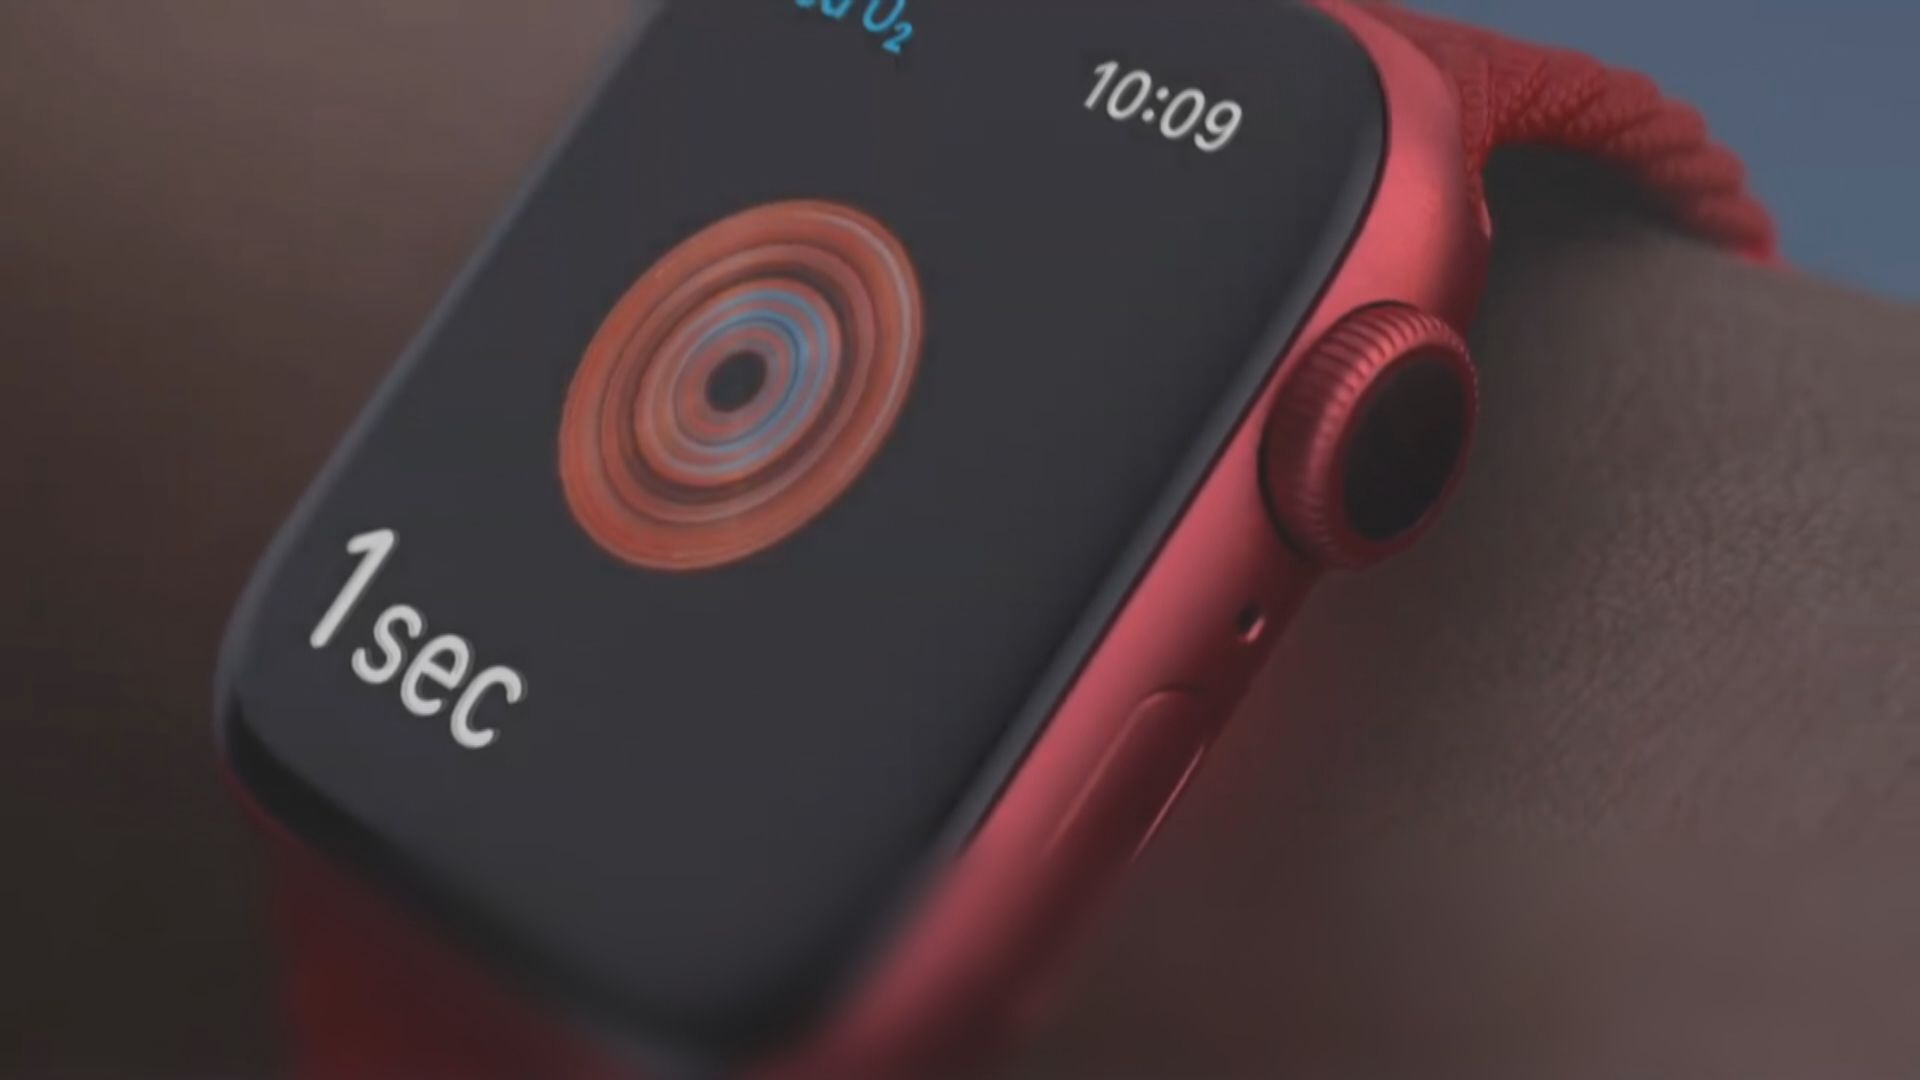 蘋果推出全新智能手表和平板電腦